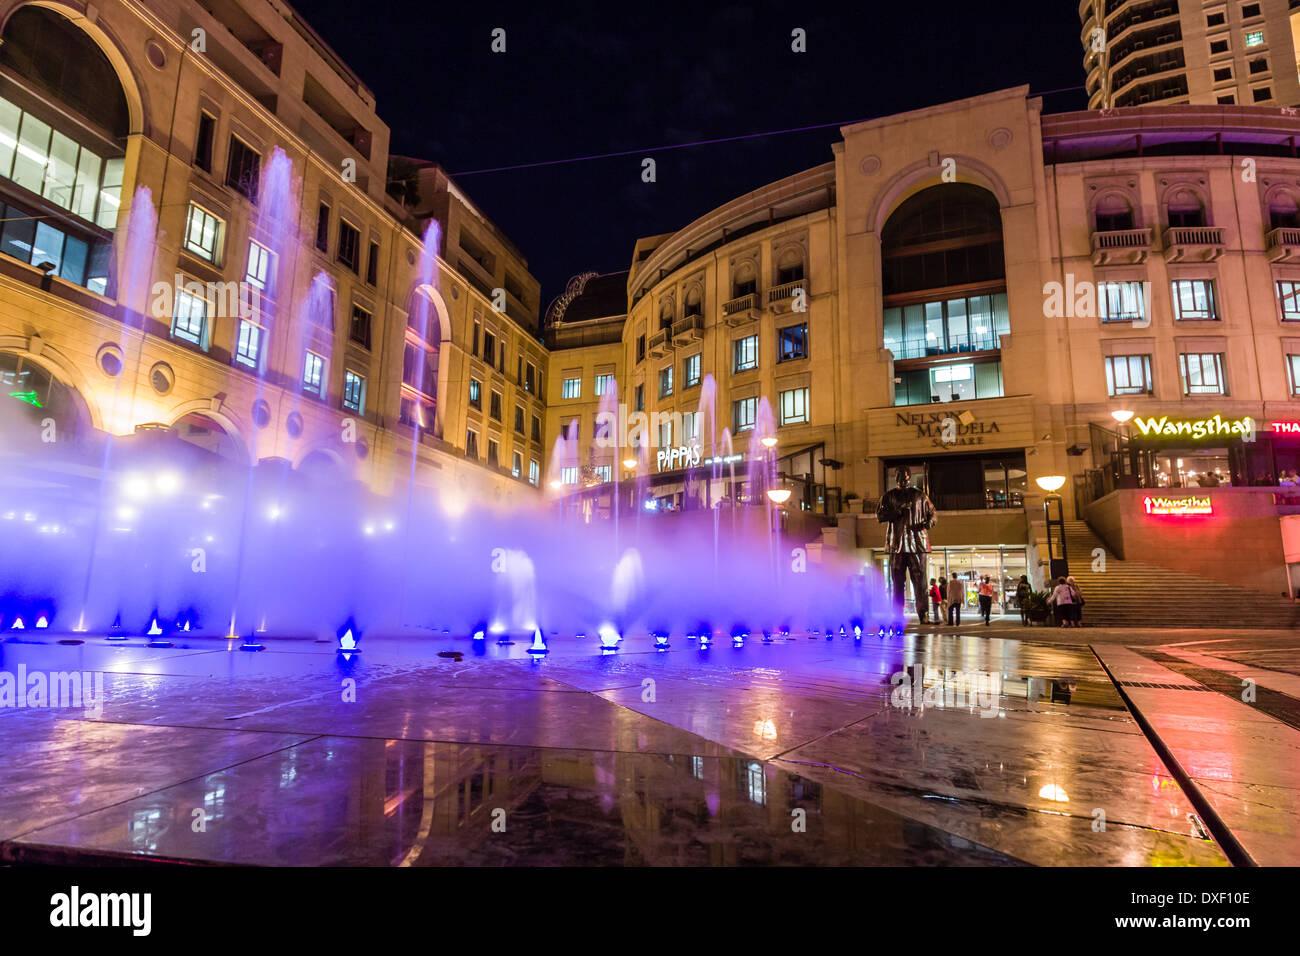 La place Nelson Mandela est un centre commercial de Sandton, Johannesburg, Afrique du Sud. Anciennement connu sous le nom de Sandton Square. Photo Stock